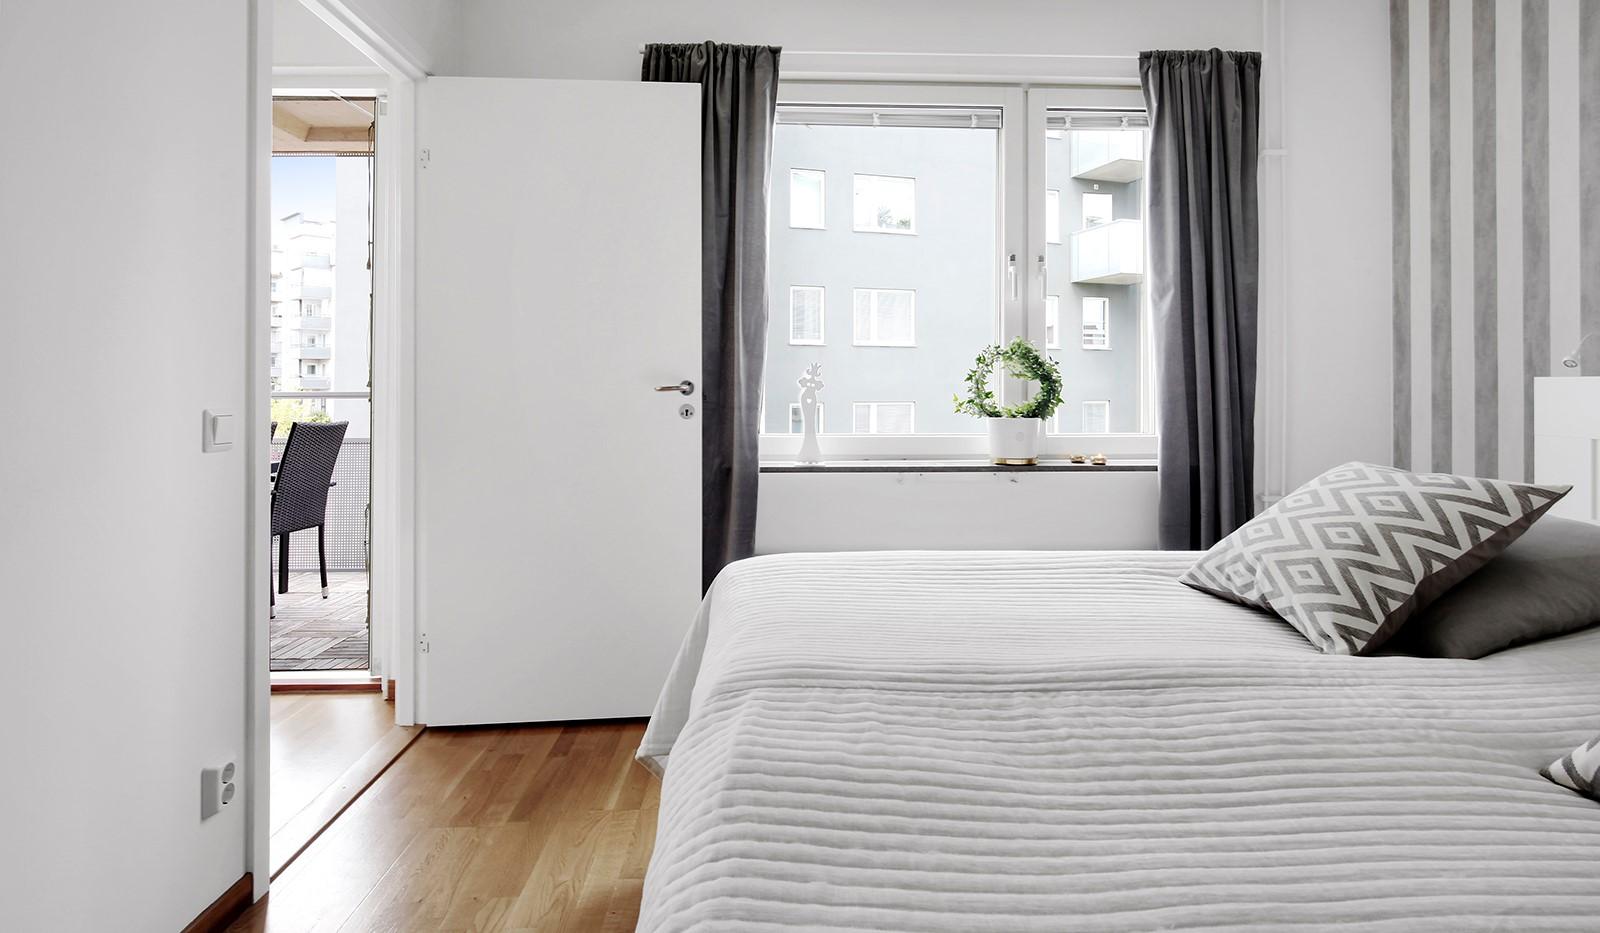 Hildebergsvägen 4, 3 tr - Generöst sovrum